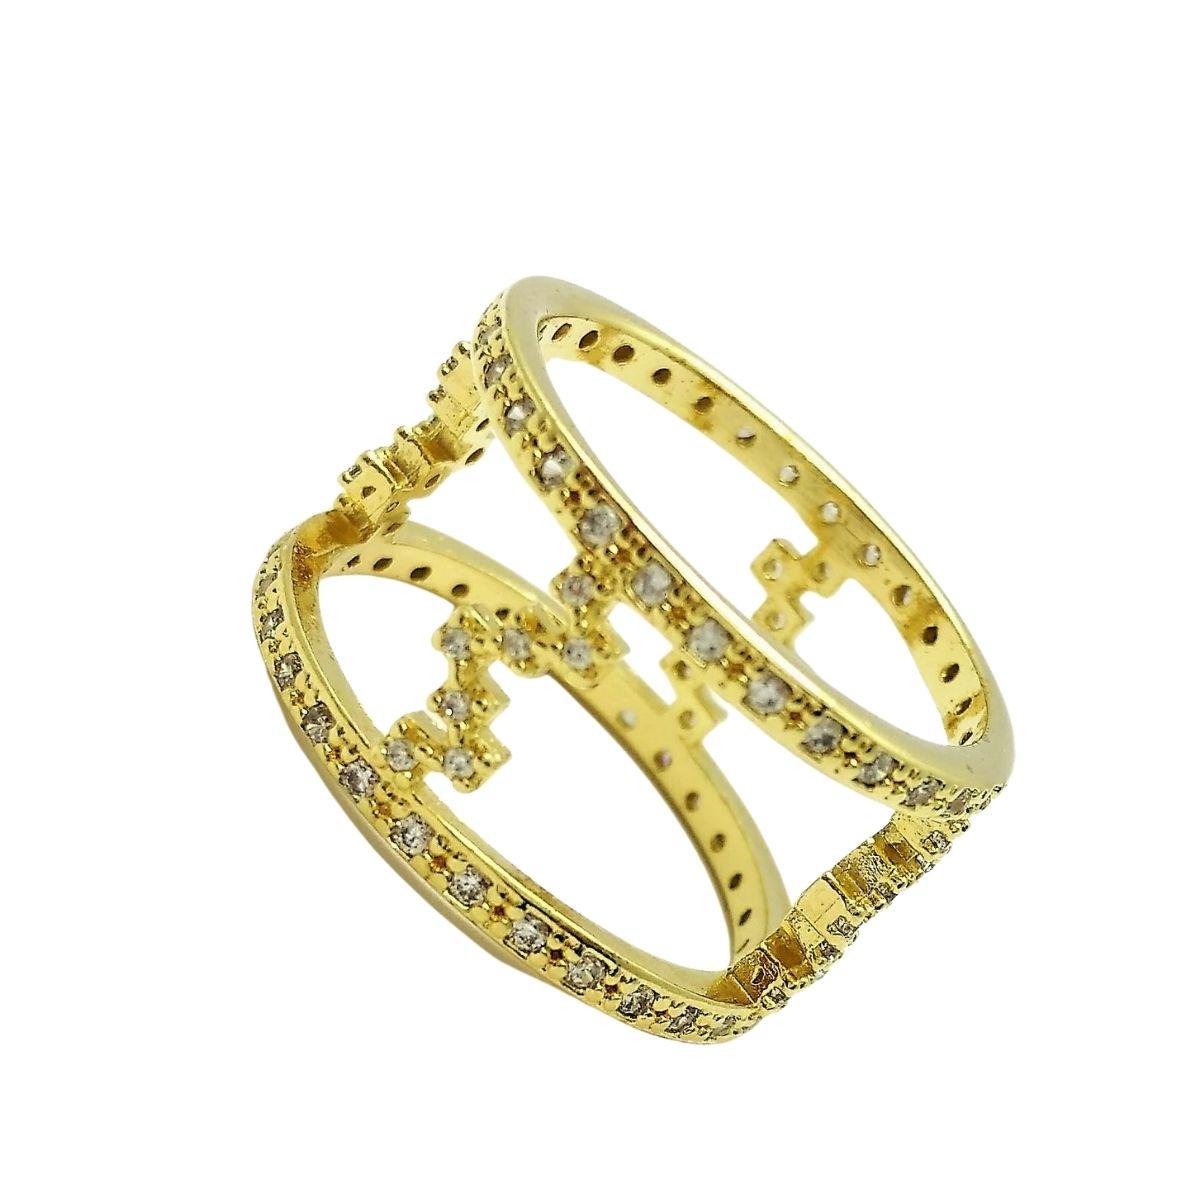 Anel Aro Duplo Cravejado Com Zirconias Banho De Ouro 18k 2216